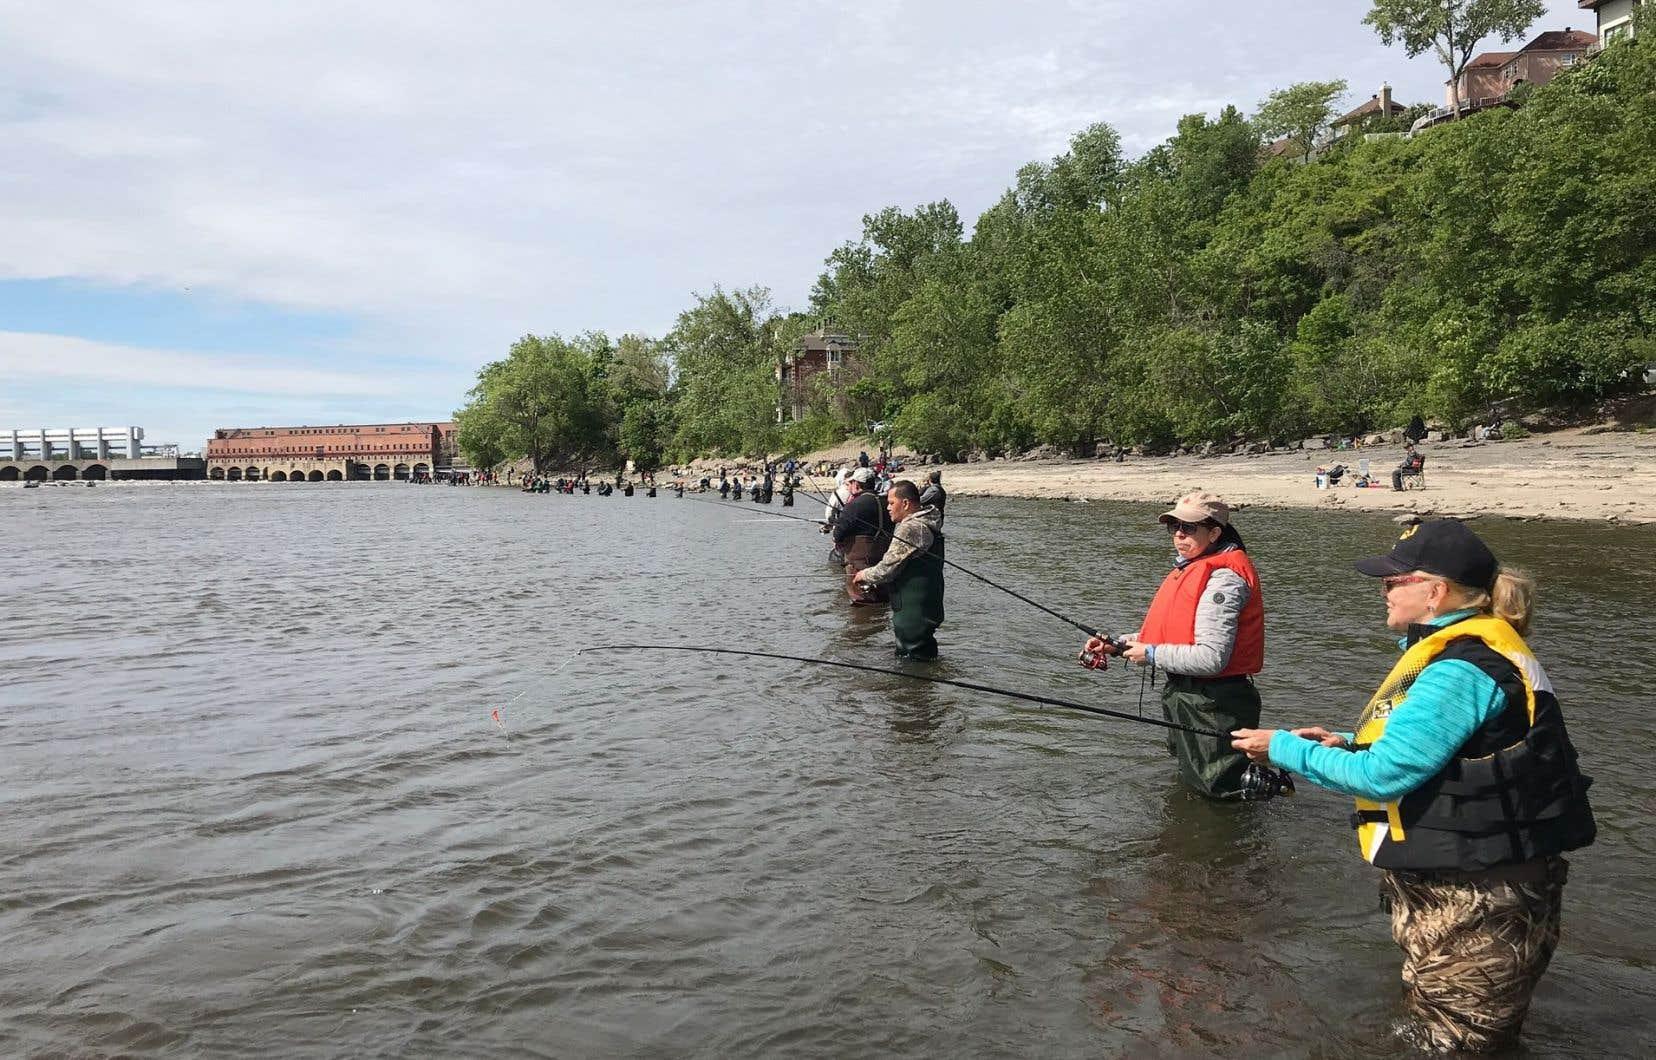 La concentration des poissons au pied du barrage hydroélectrique Pie IX est directement proportionnelle à celle des pêcheurs sur la rive.